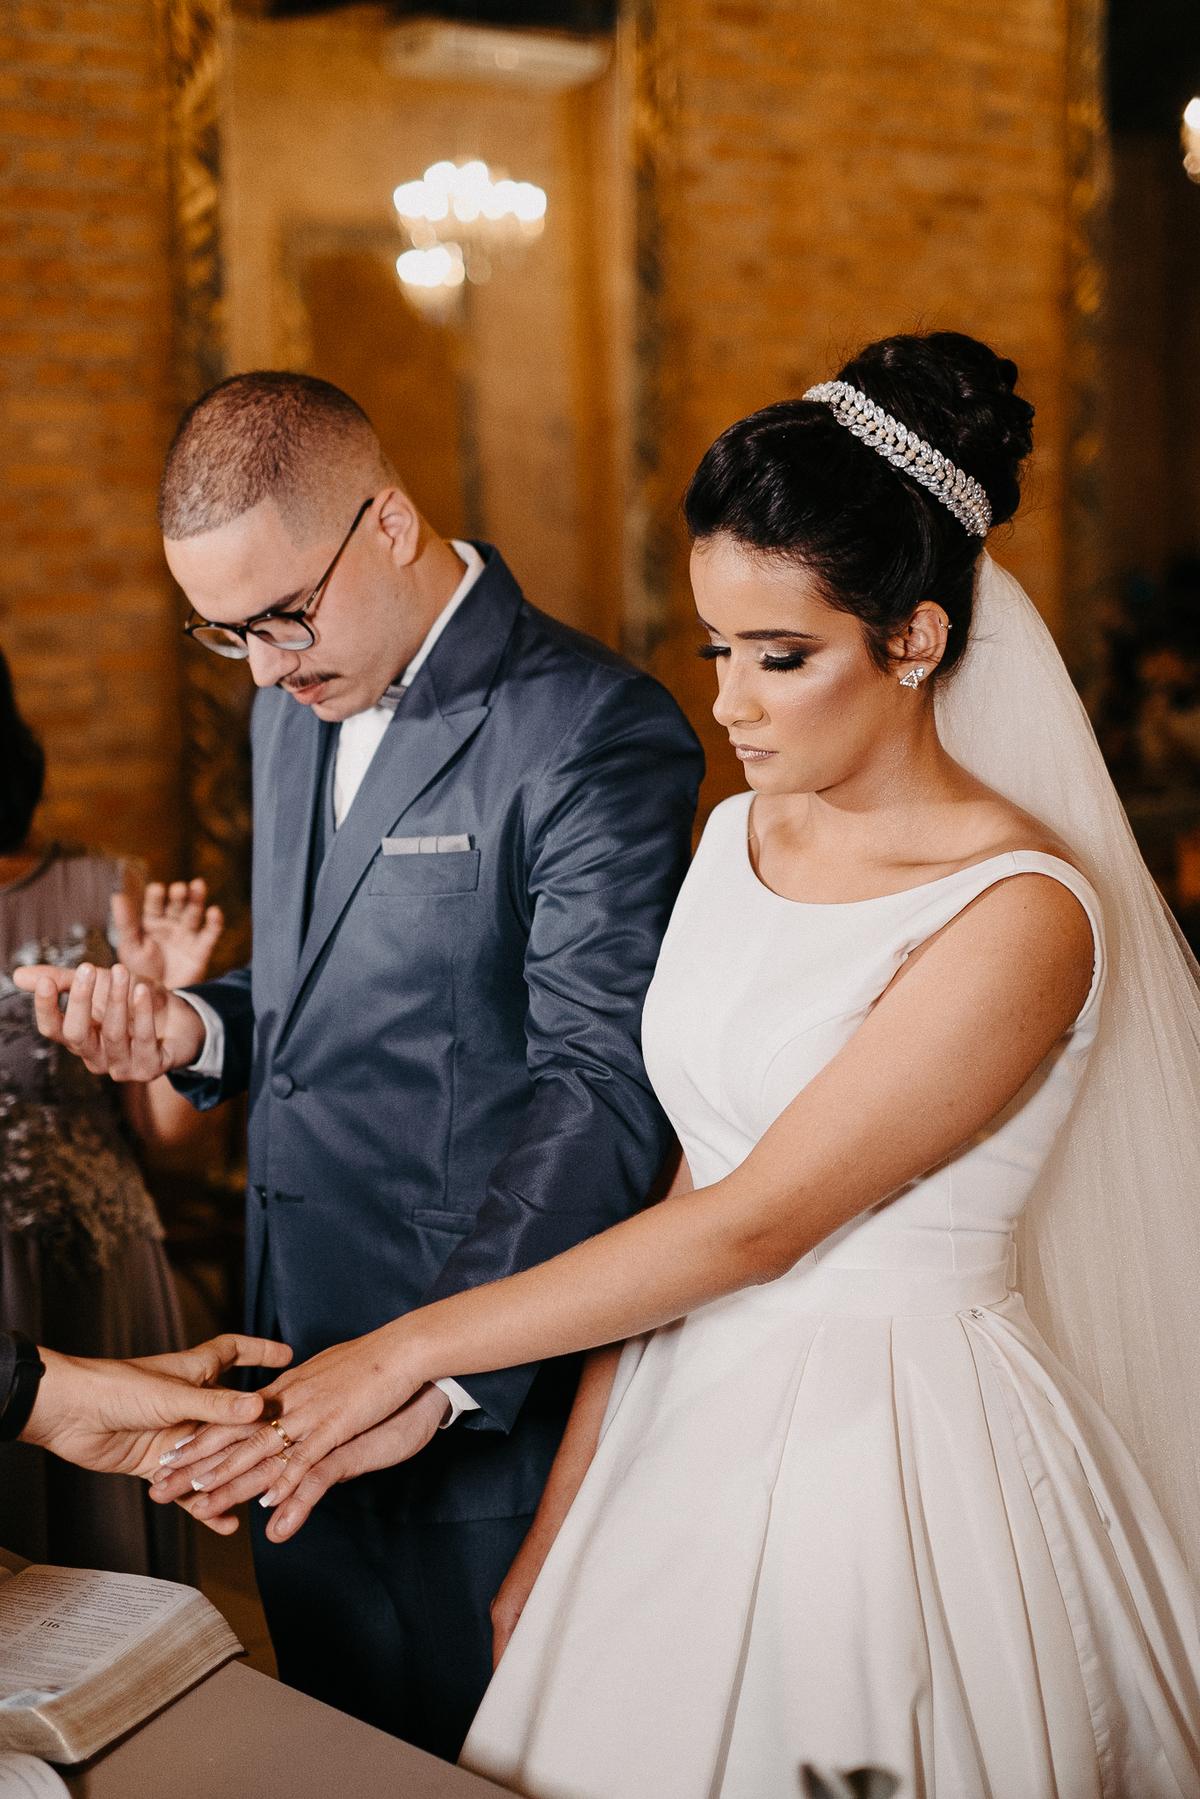 fotografia de casamento noivas 2022 casar no campo traje de noivo casal sorrindo cerimonia mansao ferrara fotos por caio henrique fotografia autentica casamento cristao  troca de alianças